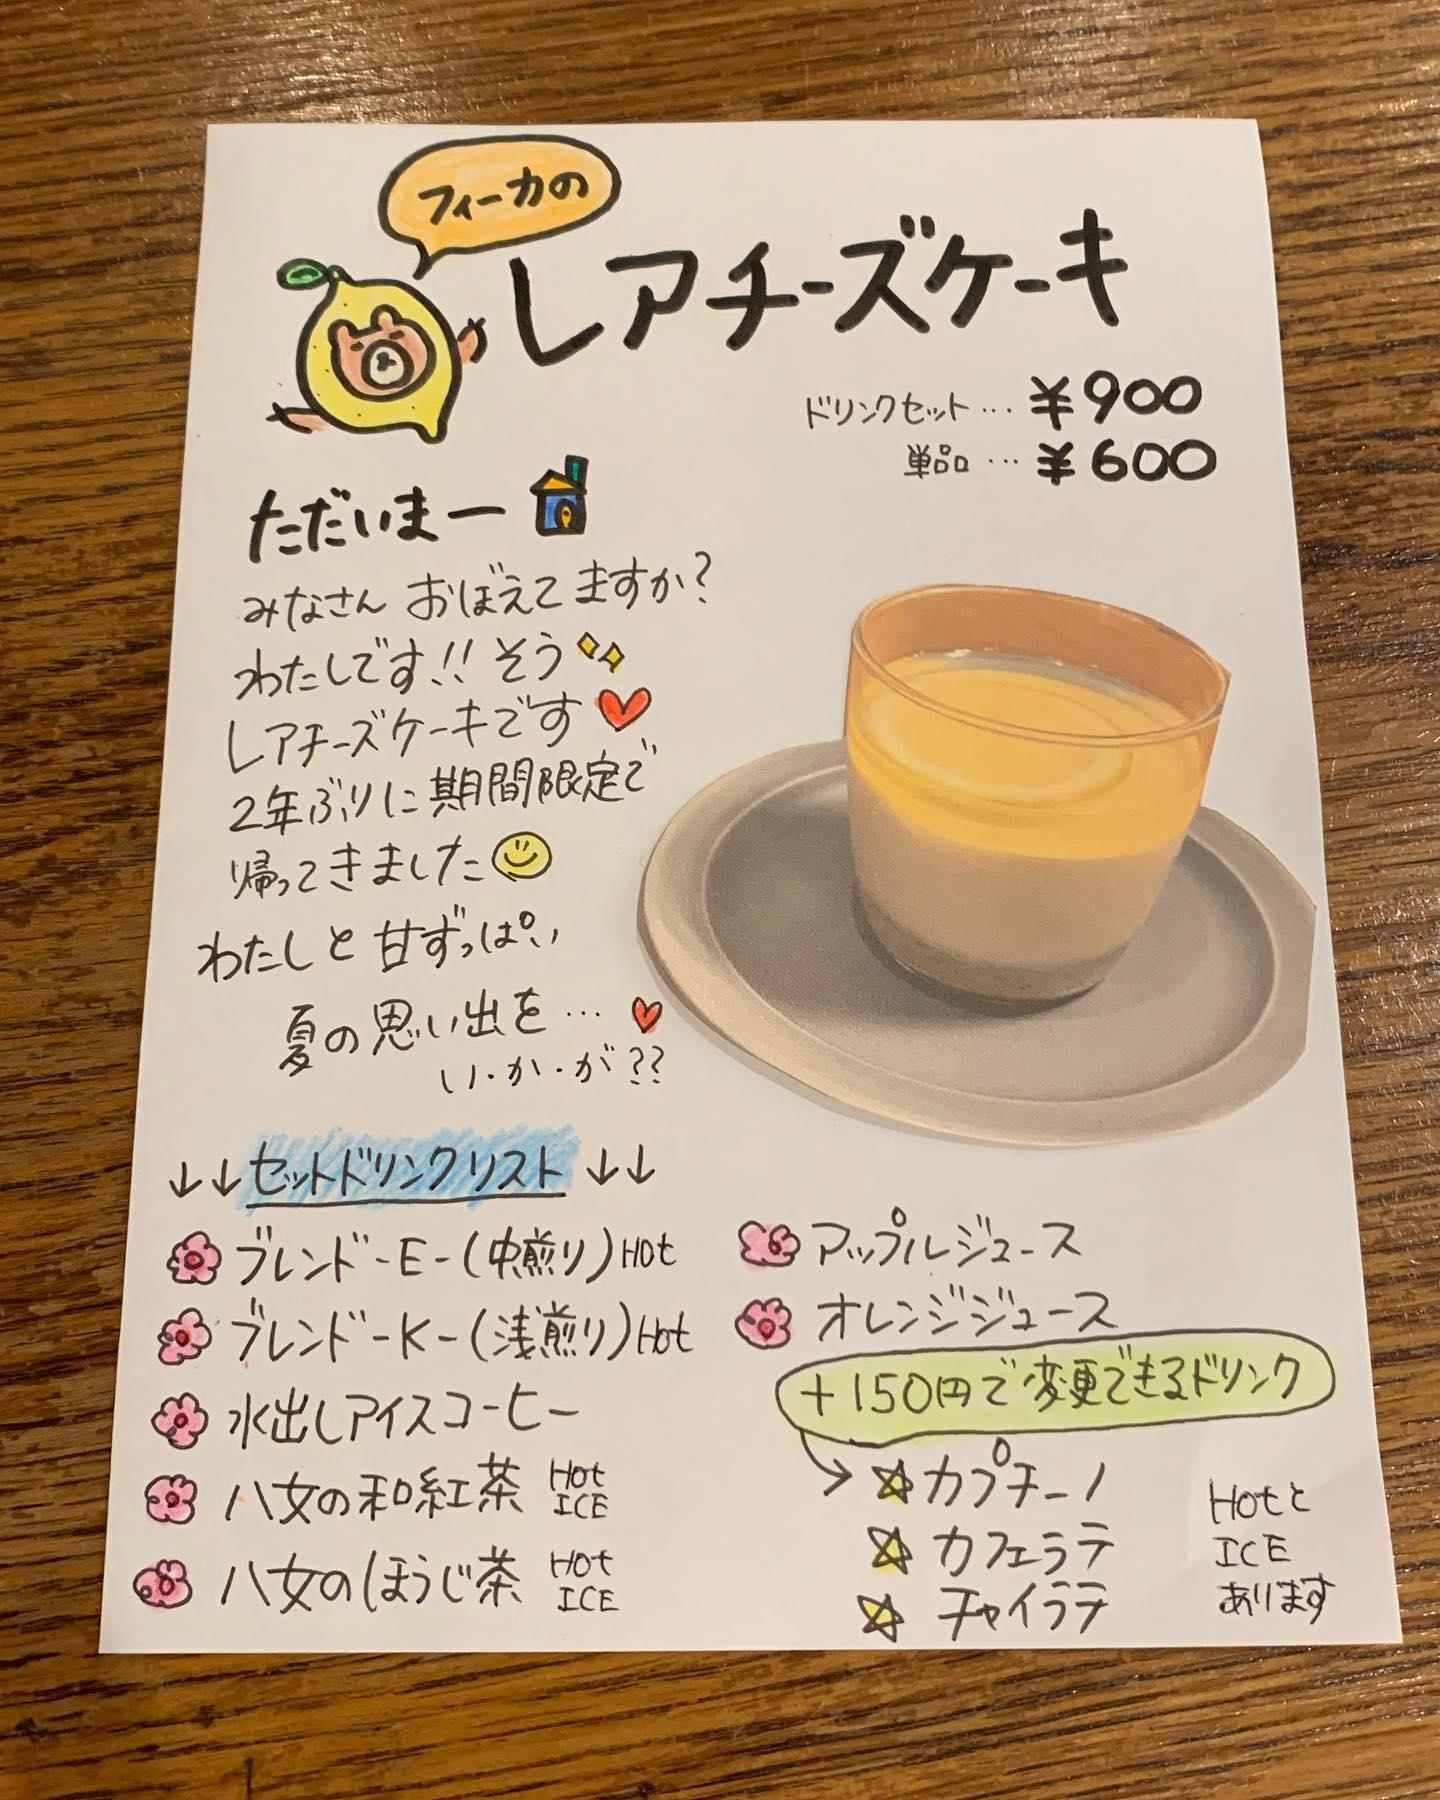 レアチーズケーキのメニュー作ったよおはようございます♪FIKACOFFEEエリカです^ ^久しぶりにレアチーズケーキ作って味確認️一番上のレモンゼリーが程よい酸っぱさで夏にぴったり️と思うております8月1日から期間限定️数量限定️で始まりますFIKA COFFEE(フィーカ コーヒー)福岡県福岡市博多区下川端町3-1 博多リバレイン1FTEL0922926601営業時間→平日9:00〜20:00  土日祝9:00〜18:00店休日→不定休(早く閉めたり休んだりすることもあります)新型コロナウイルス感染防止対策へのご協力お願いします!#福岡グルメ#福岡カフェ#博多#博多カフェ#中洲#博多座#福岡アジア美術館#クッキー#福岡クッキー#cookie#くまチョコミルク#ランチ#ティラミス#フレンチトースト#ummp#うむぷ#赤毛のマチコ#たま乗りジョニーのコーヒーゼリー#コーヒーゼリー#テイクアウト#シェイク#レモネード#レアチーズケーキケーキ